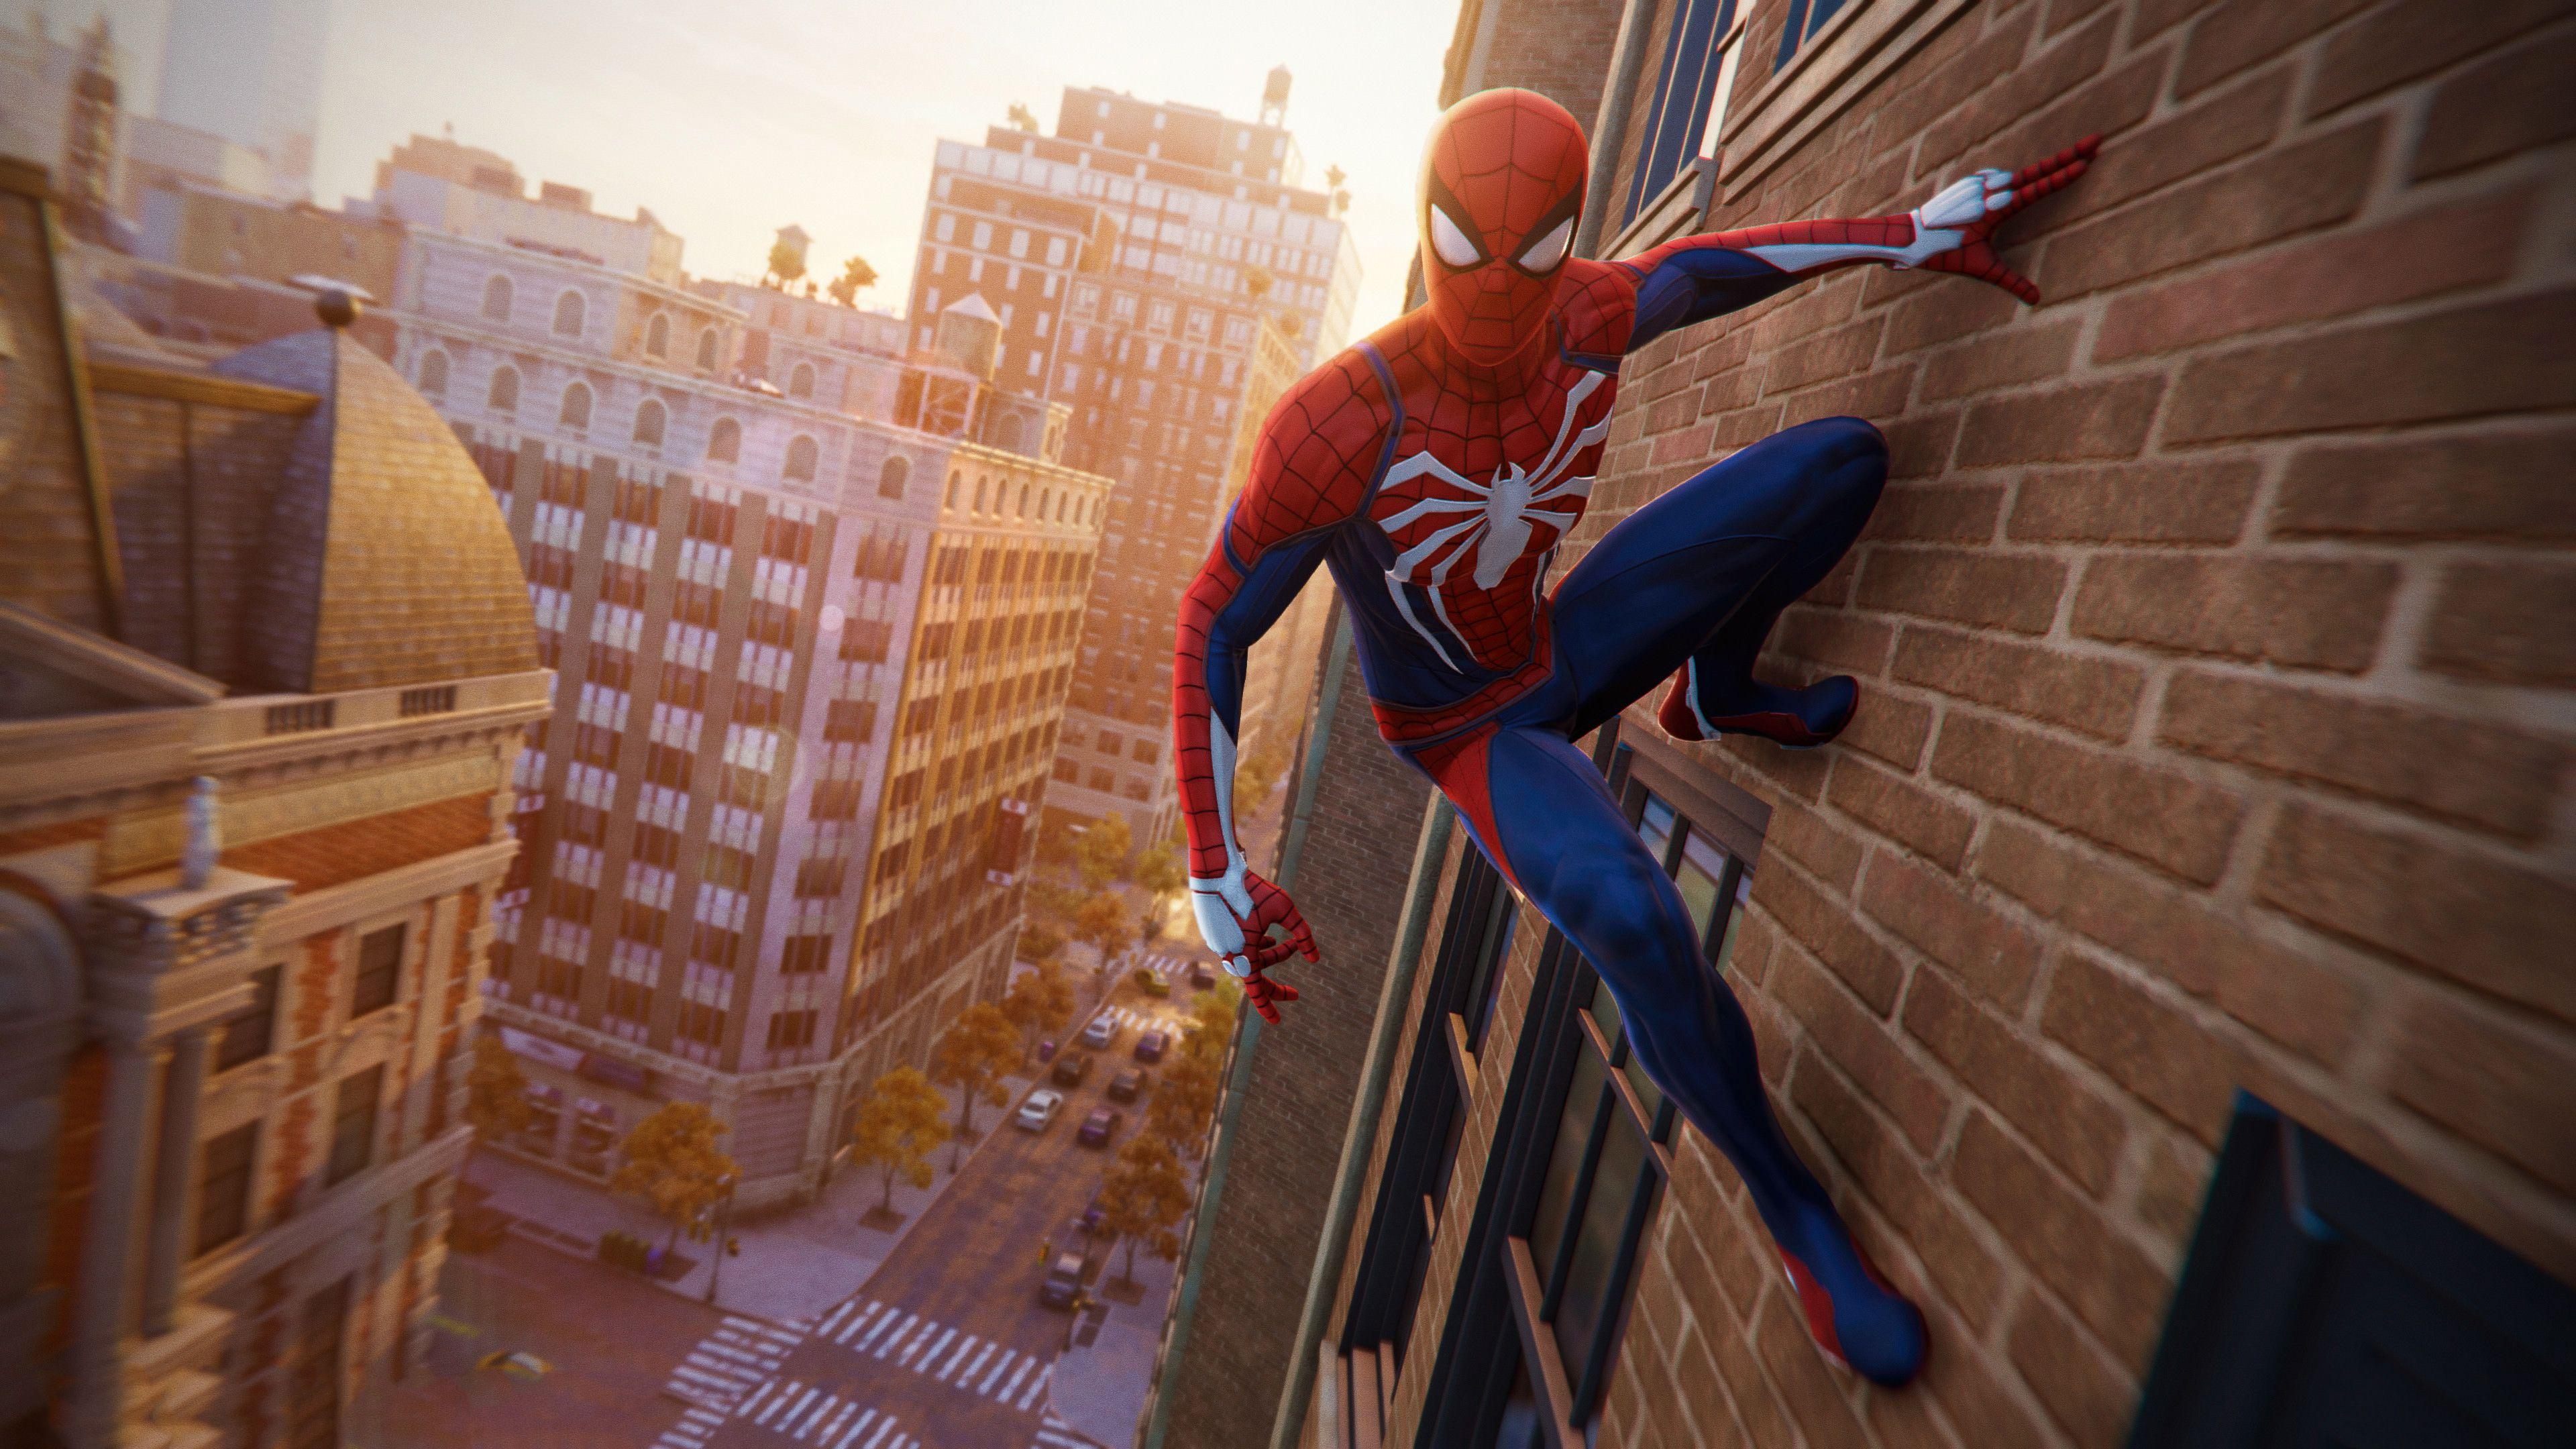 Spiderman Ps4 Game 2018 4k Superheroes Wallpapers Spiderman